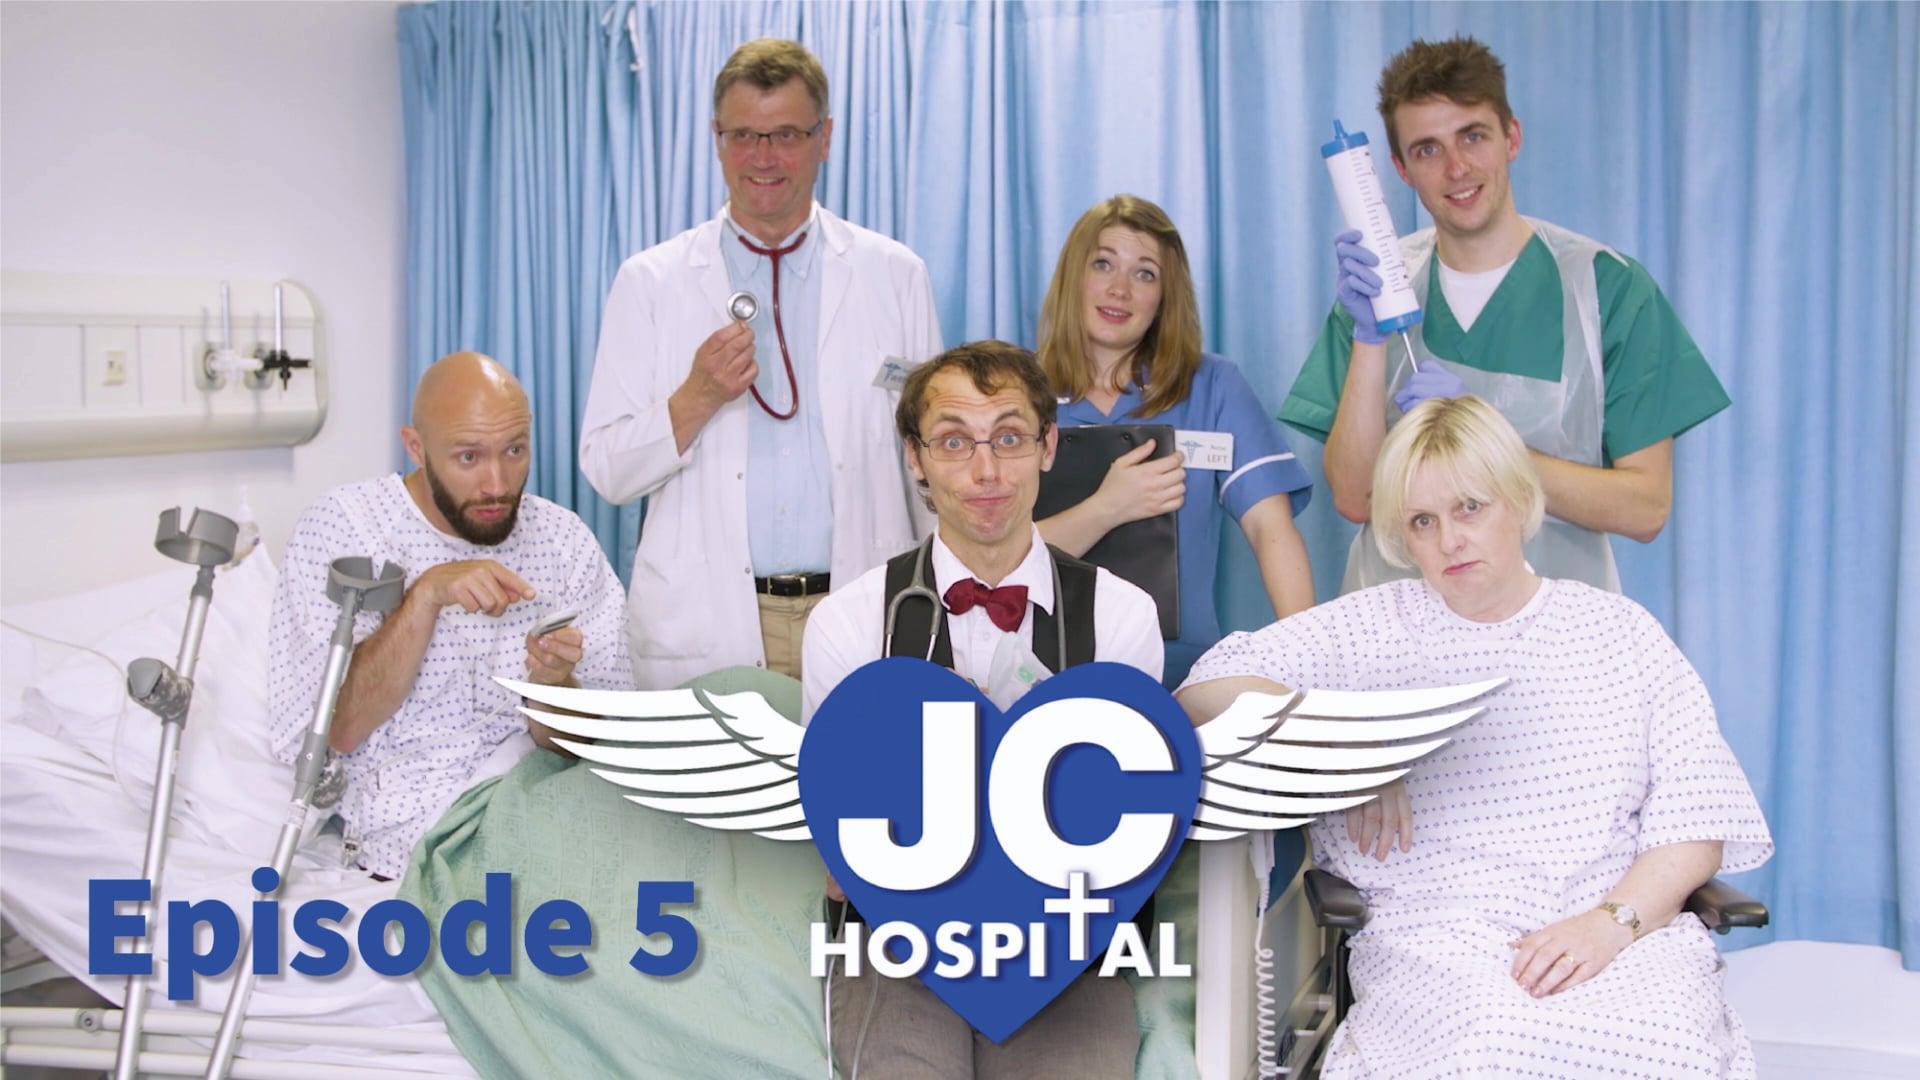 JC Hospital: Episode 5